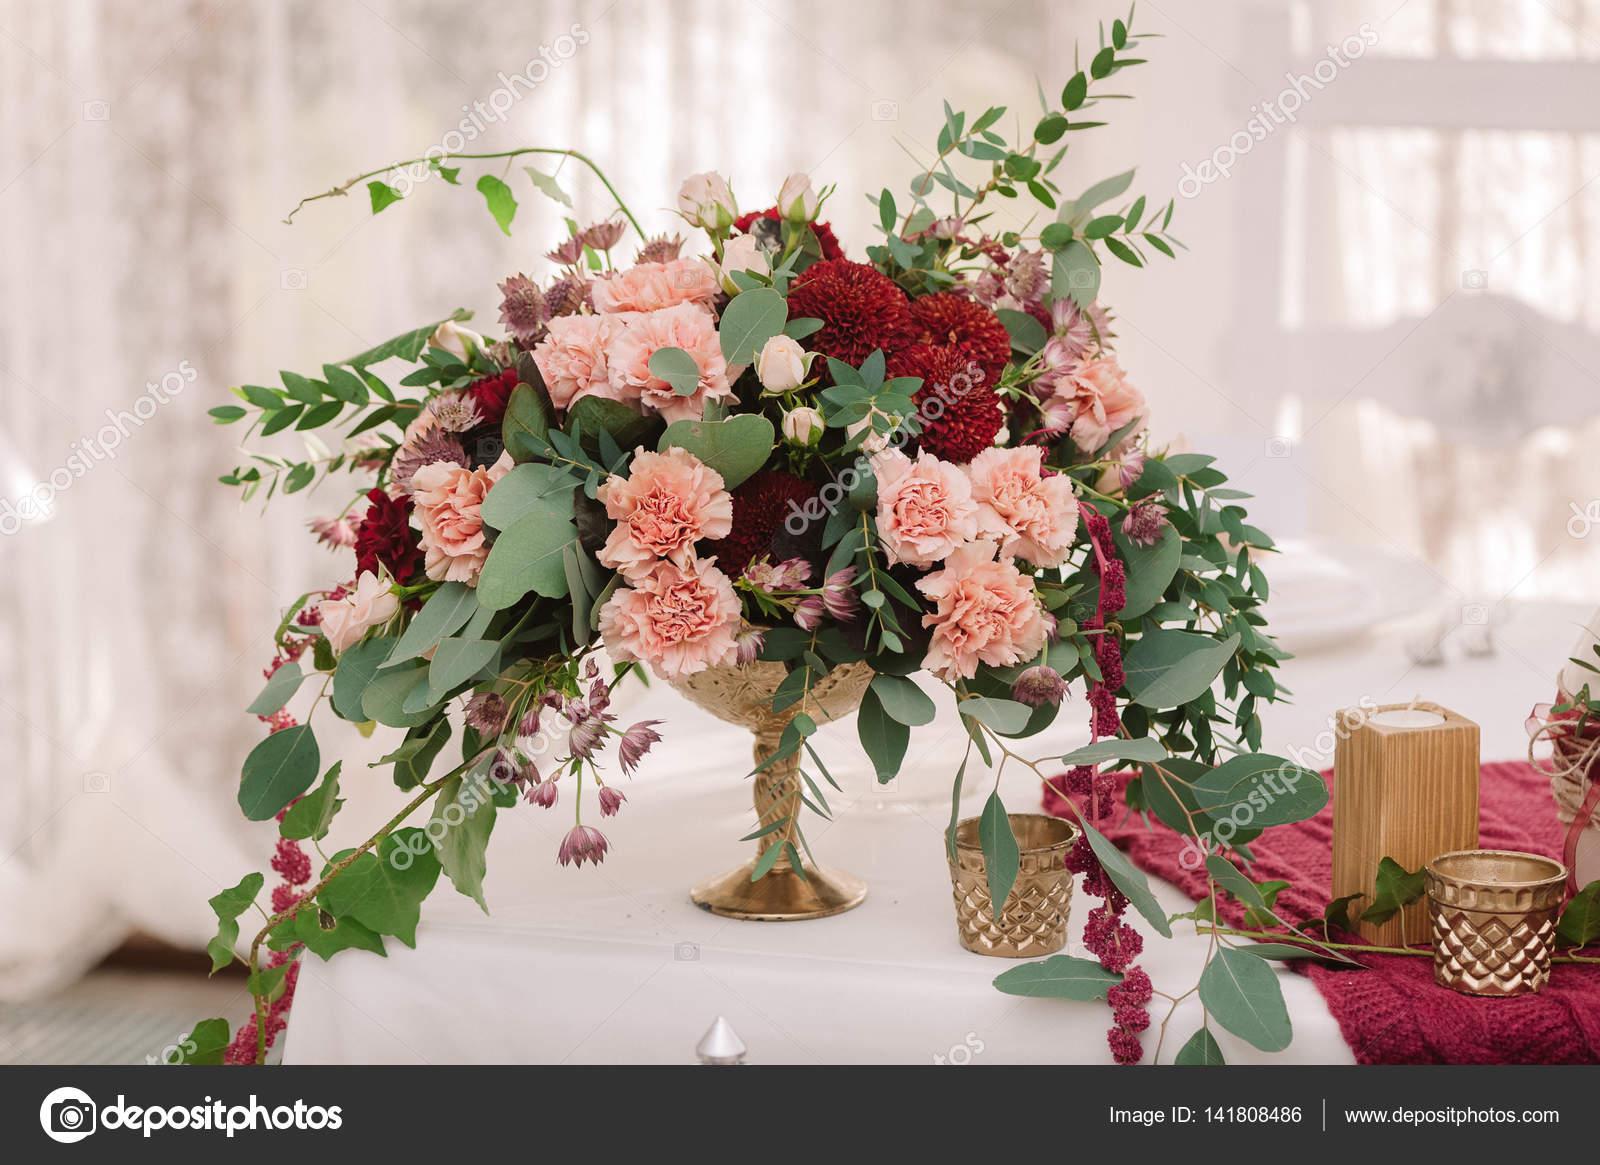 Decoration De Table Avec Des Fleurs Rouges Et Roses Sur Le Tissu